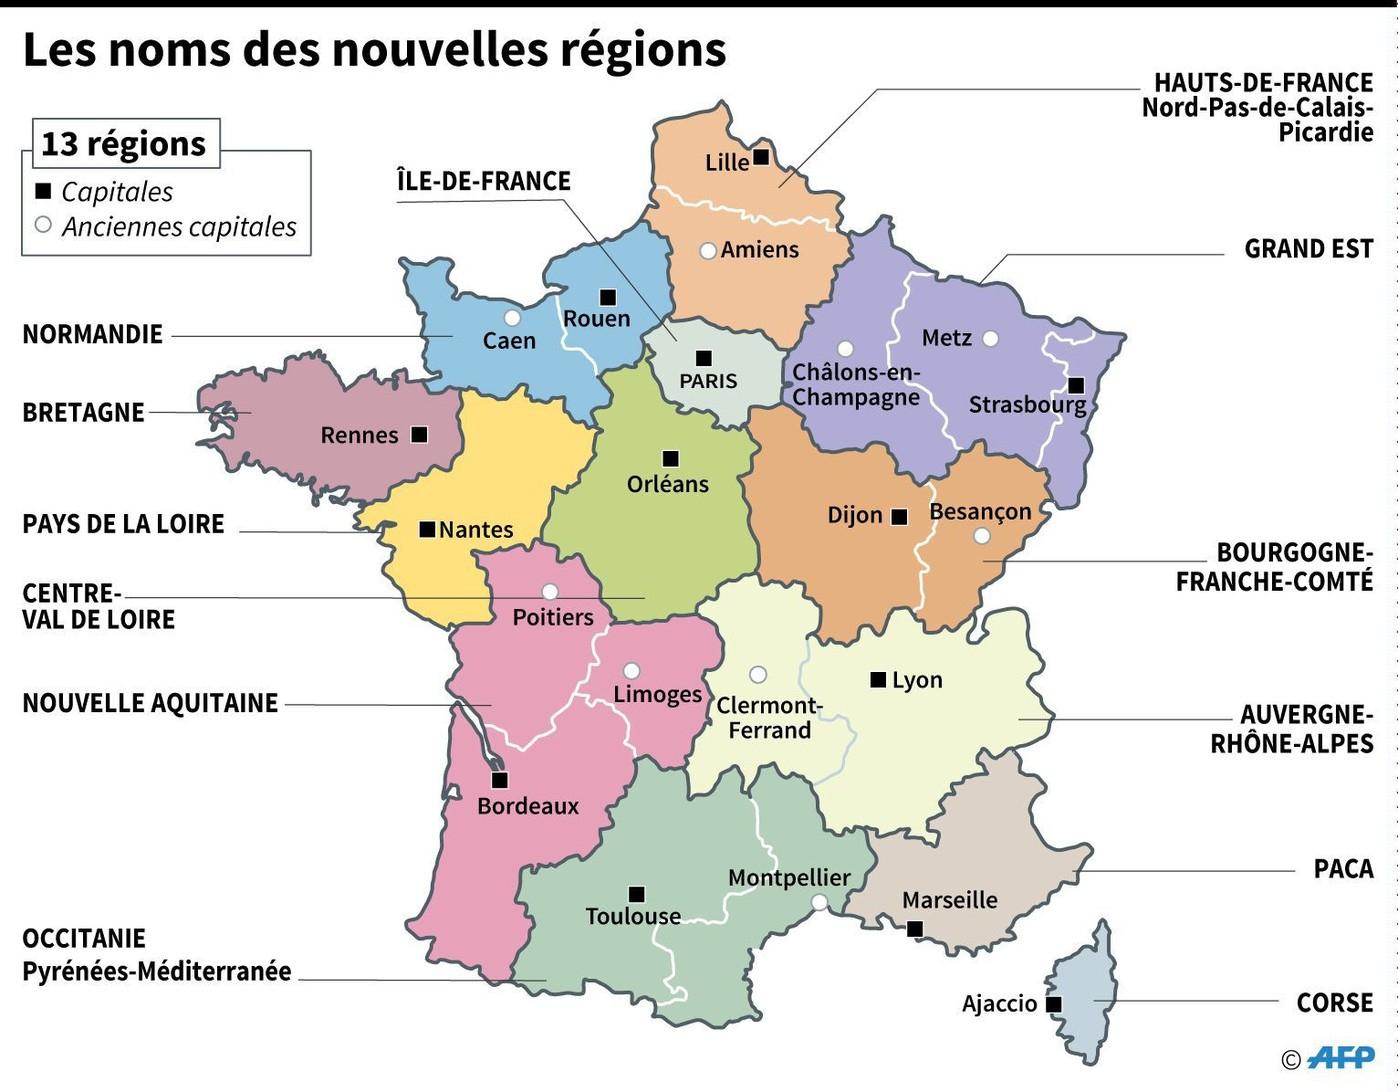 Ce Que Signifie Le Nom Des Nouvelles Régions dedans Nouvelles Régions De France 2017